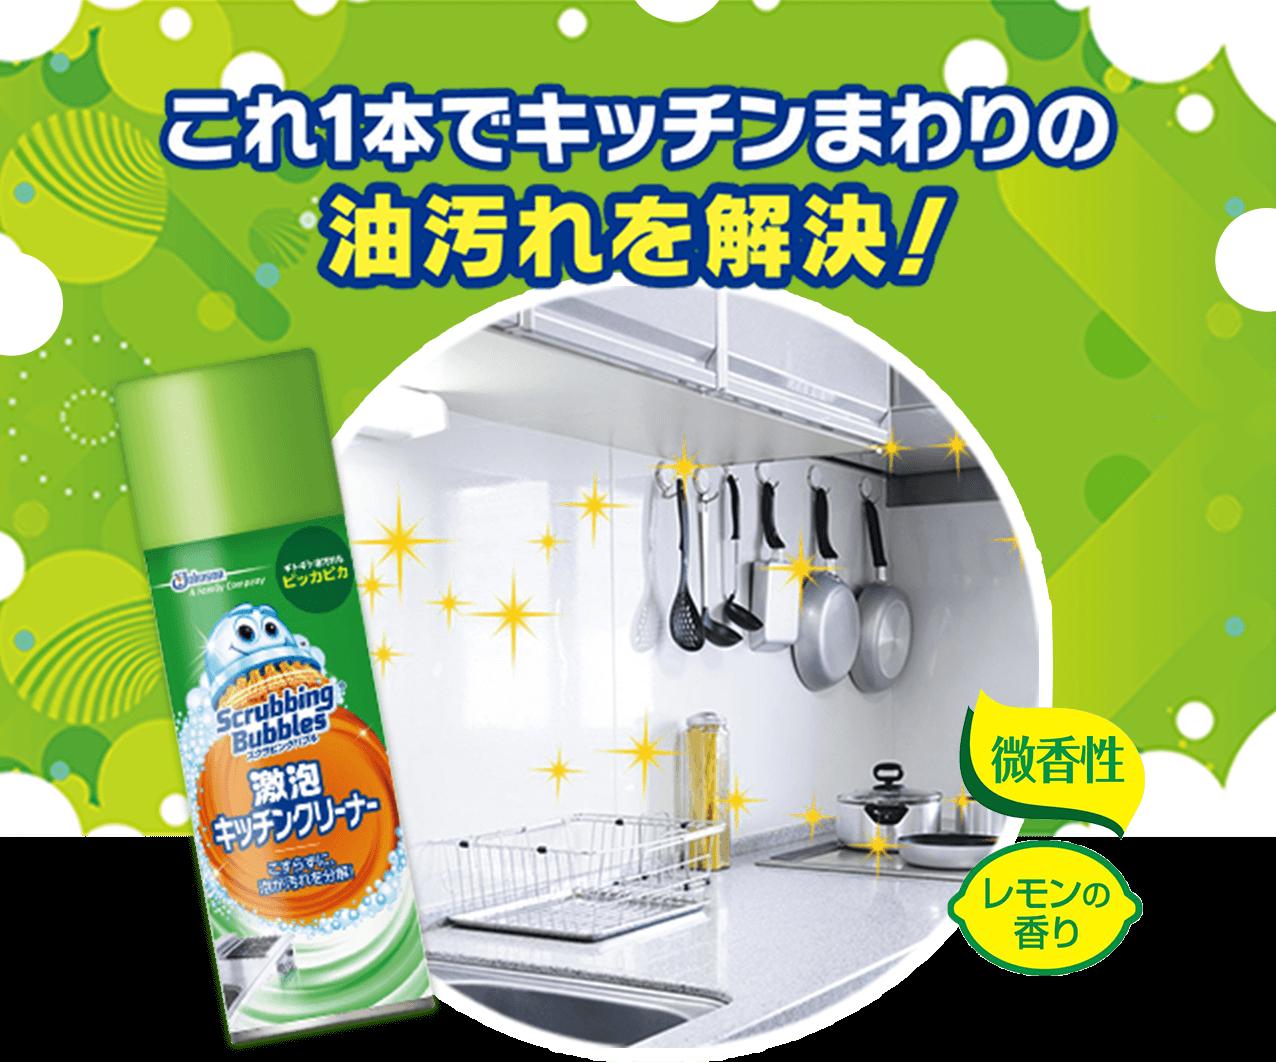 これ1本でキッチンまわりの油汚れを解決!スクラビングバブル激泡キッチンクリーナー泡スプレー(微香性・レモンの香り)